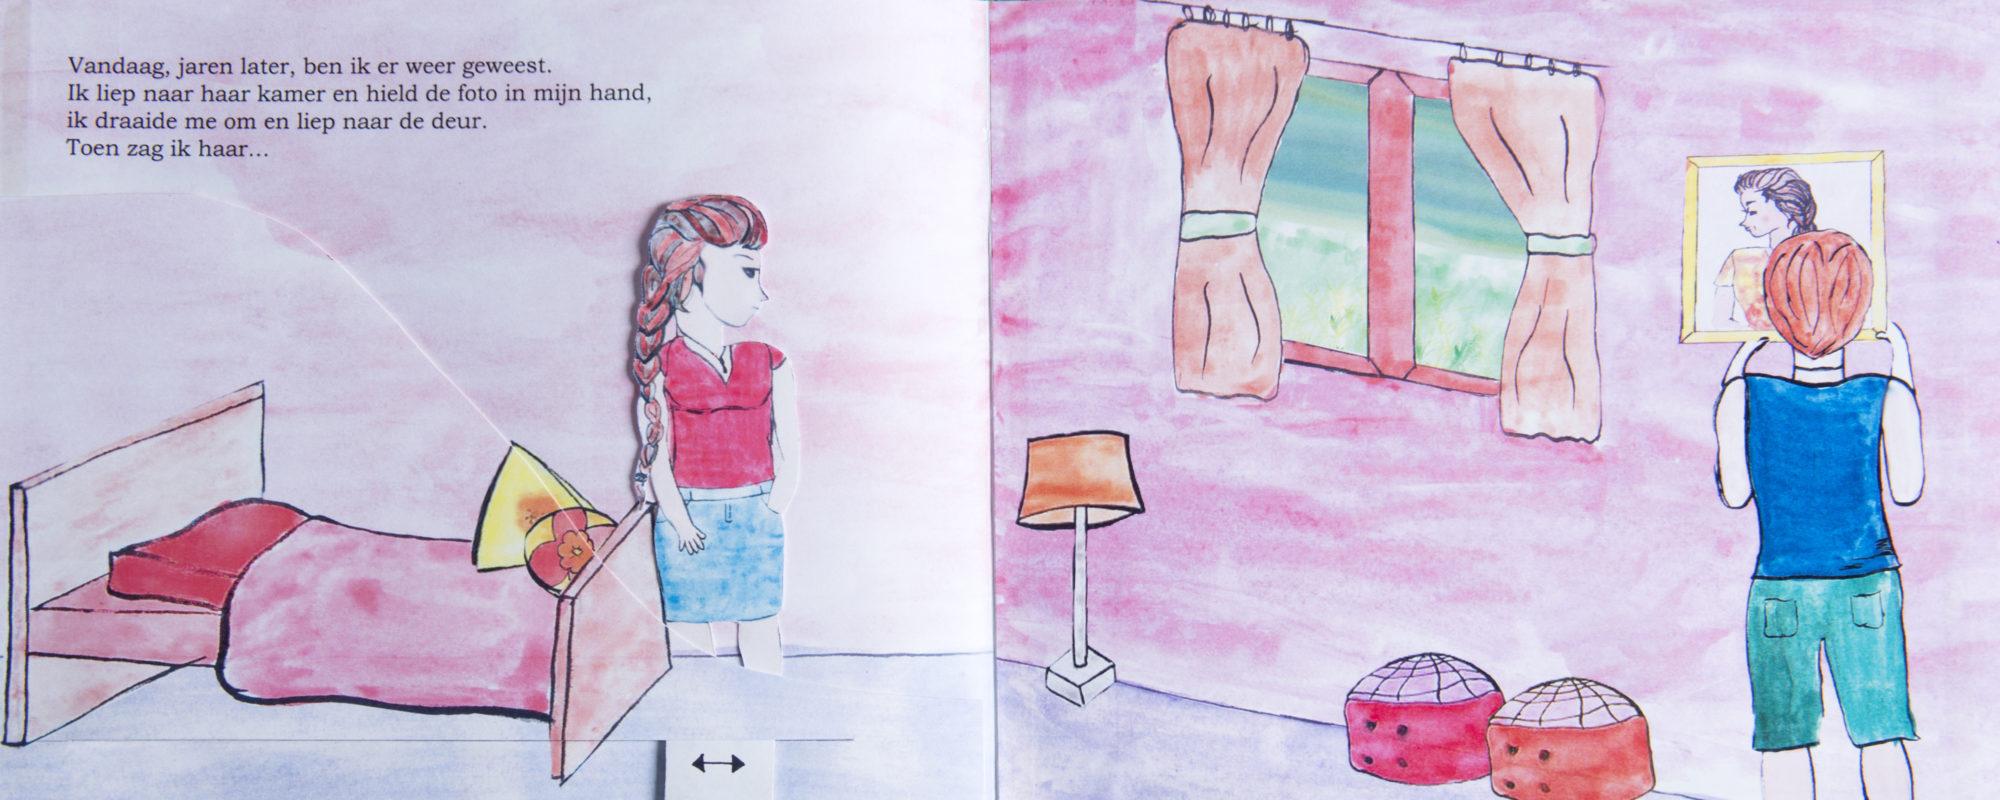 Pagina 7.1